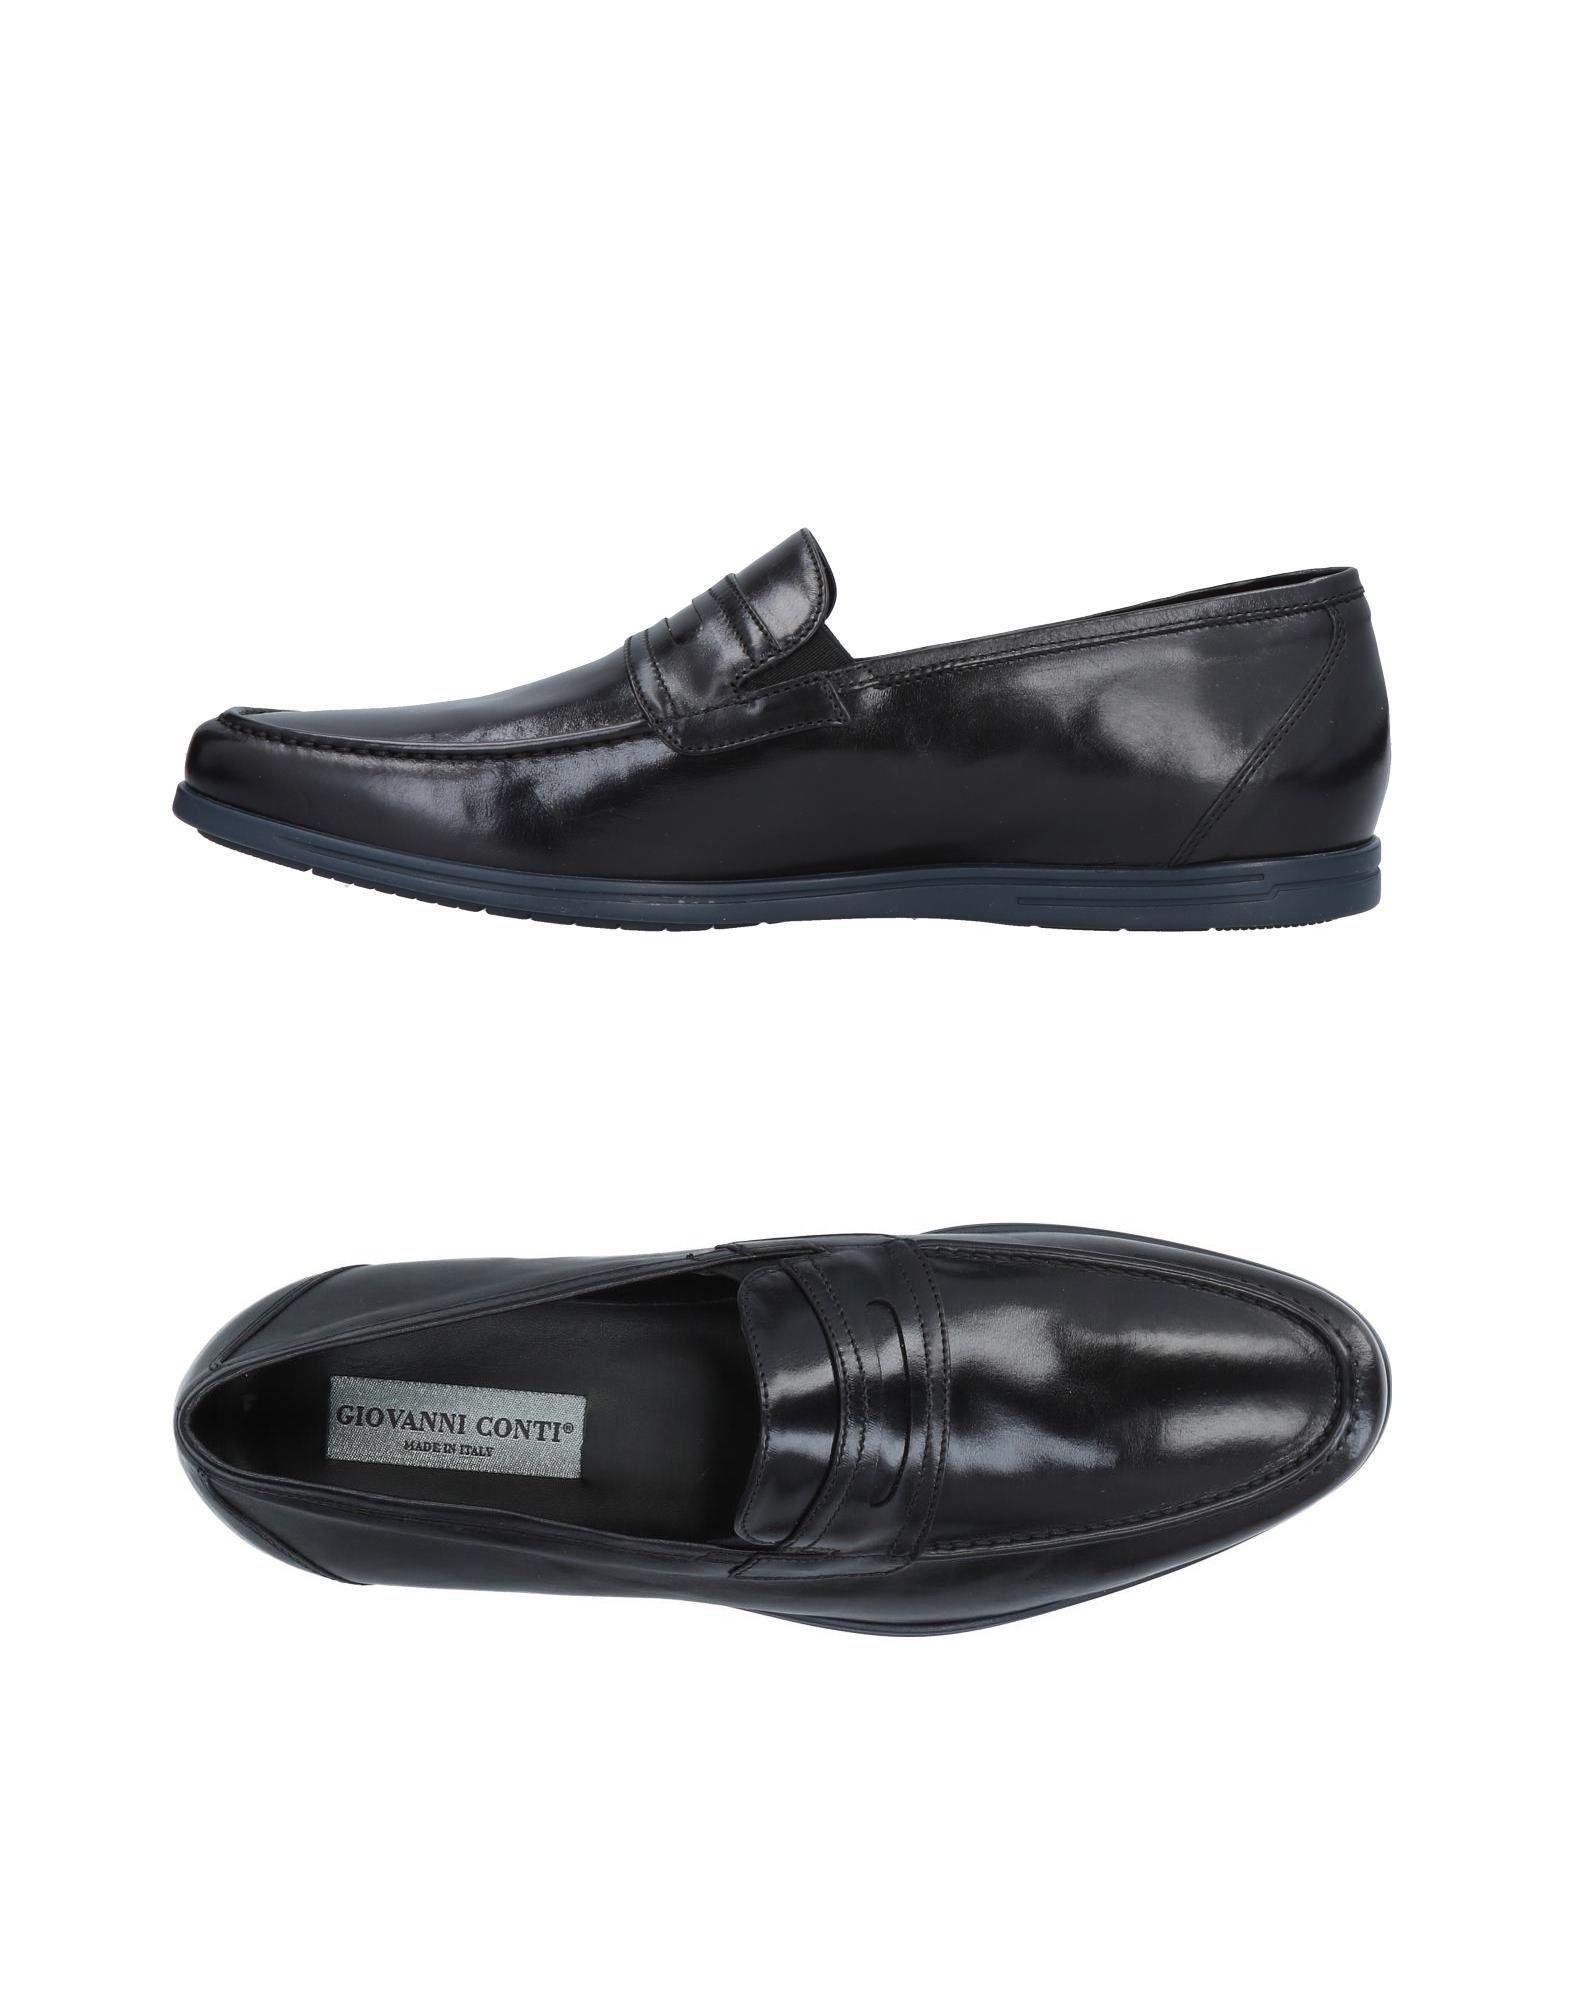 Giovanni Conti Mokassins Herren  11432448IL Gute Qualität beliebte Schuhe